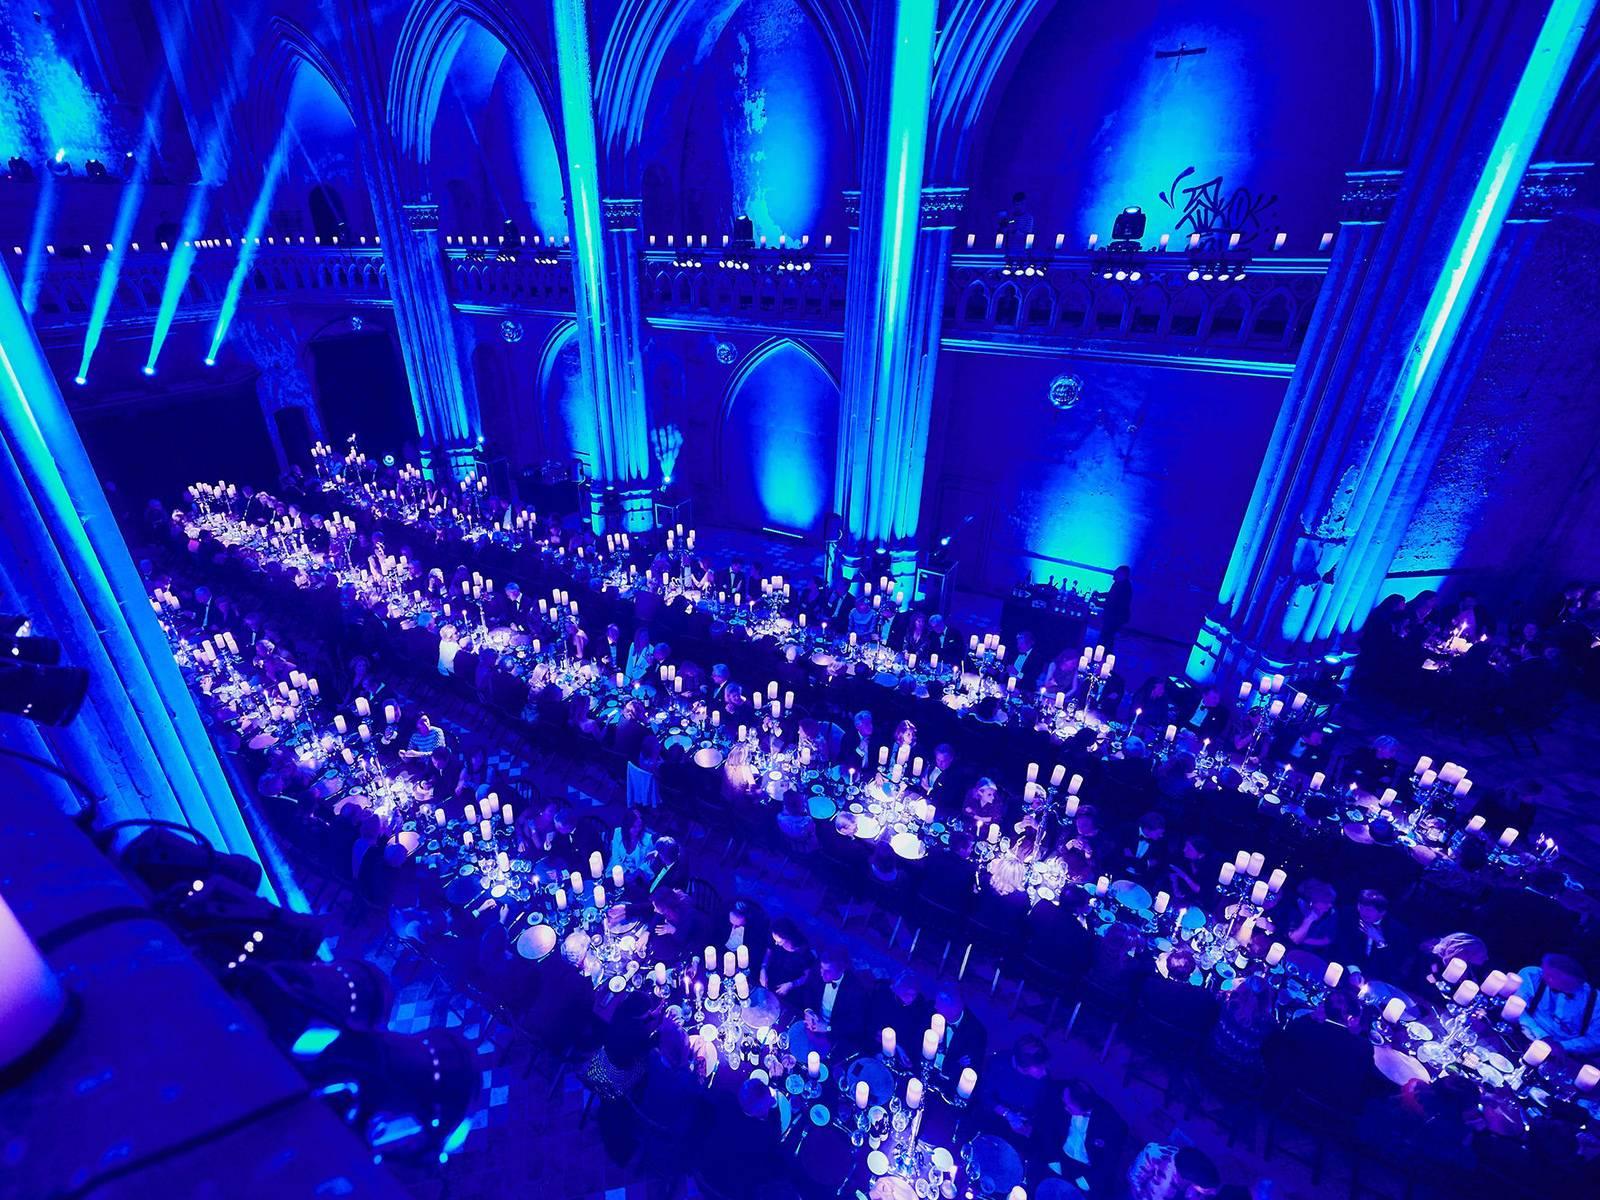 Choux de Bruxelles - Traiteur - Catering - House of Weddings 3